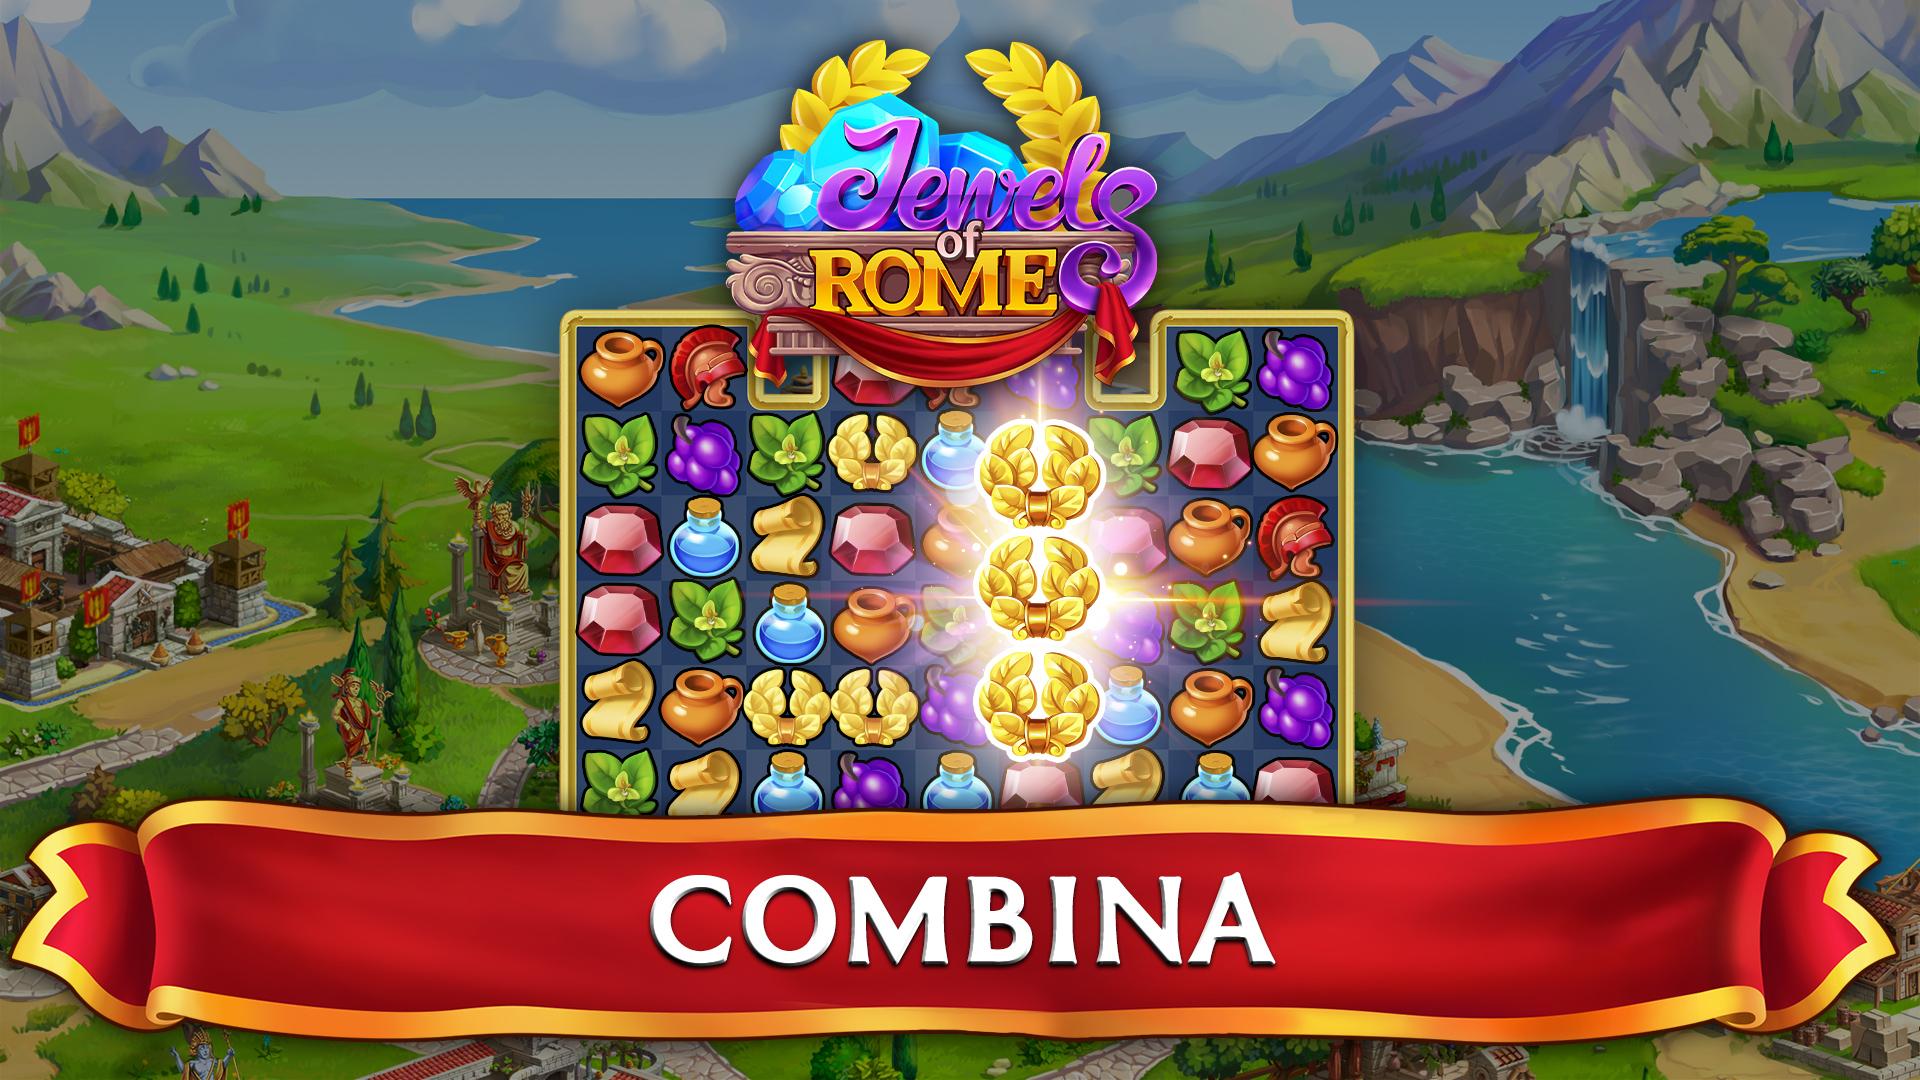 Jewels of Rome: Juego de combinar gemas: Amazon.es